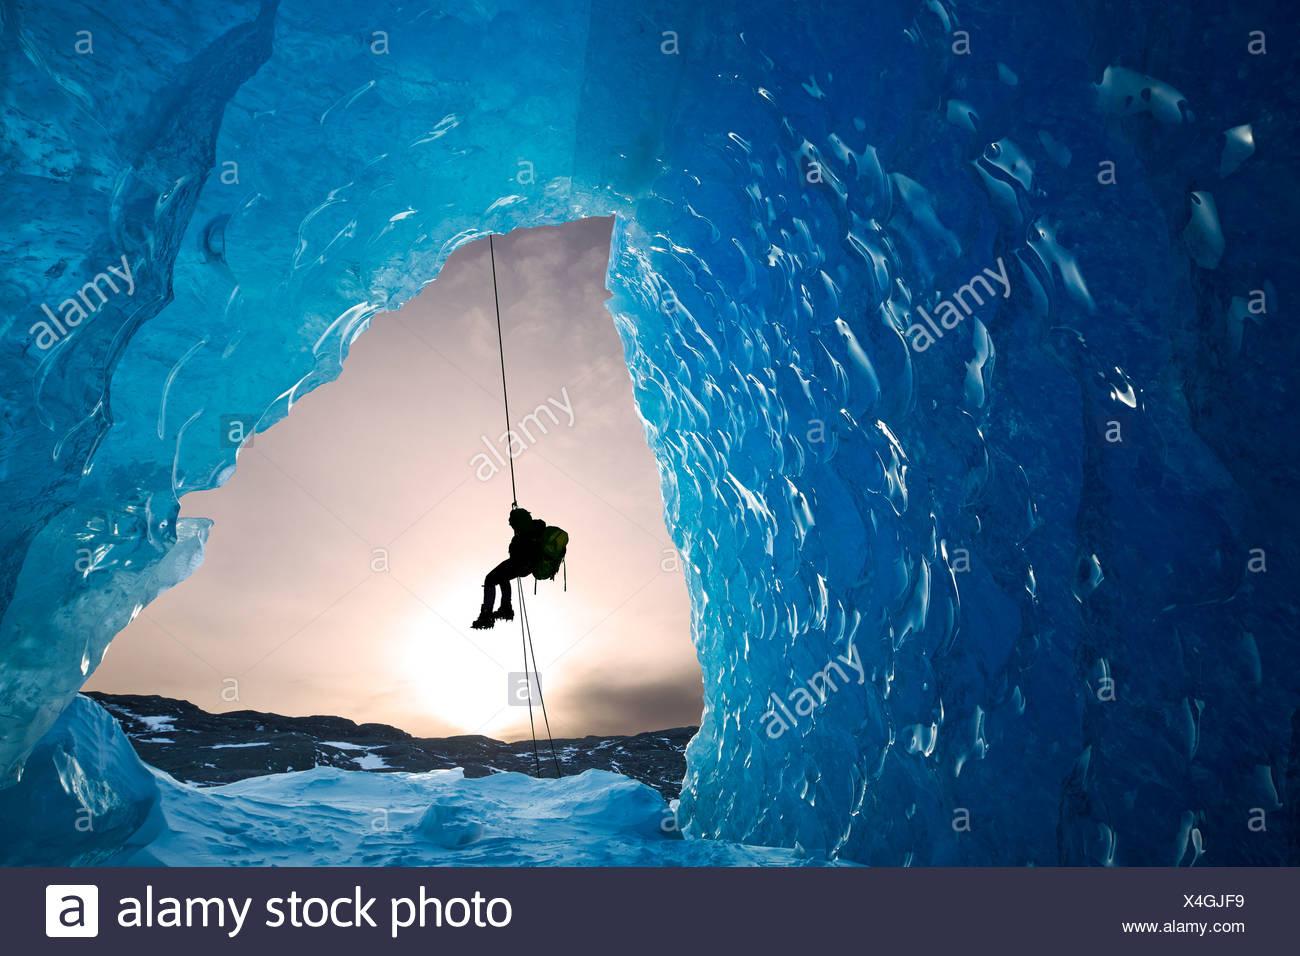 Composito: vista dall'interno di una caverna di ghiaccio di un iceberg come un alpinista rappels giù, Mendenhall Glacier, Alaska Immagini Stock